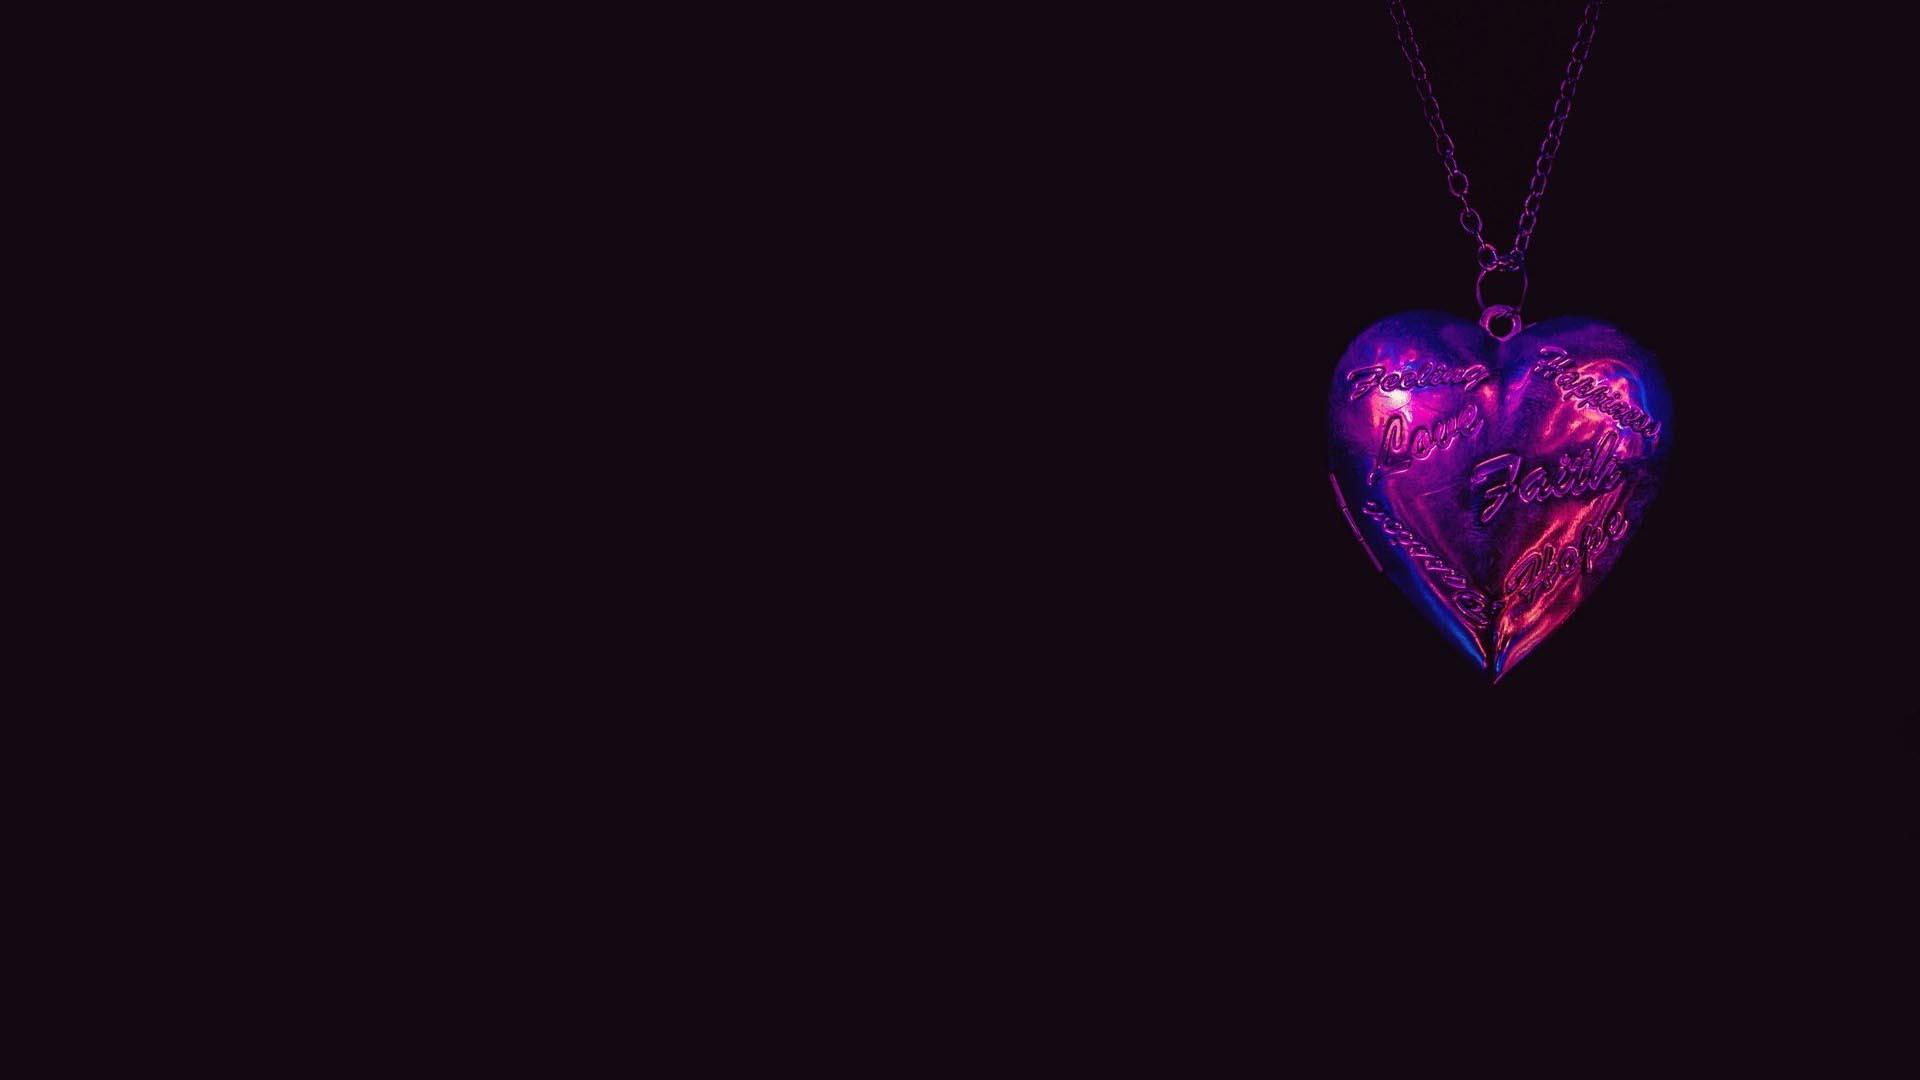 Ảnh nền dây chuyền trái tim